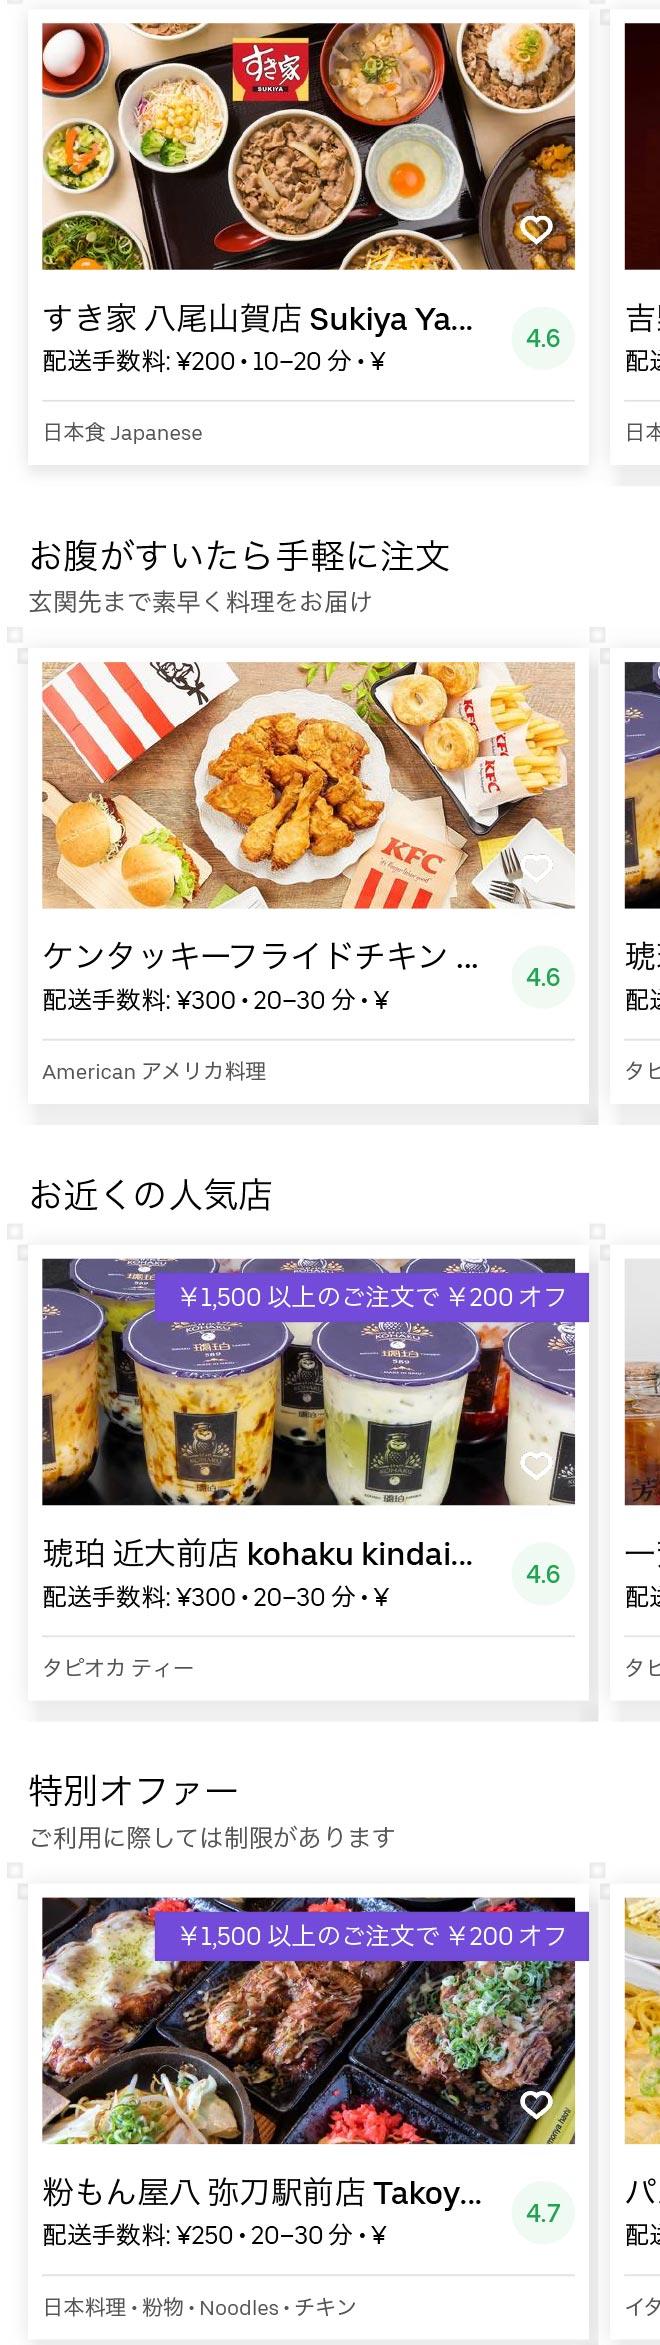 Osaka yao menu 2005 01